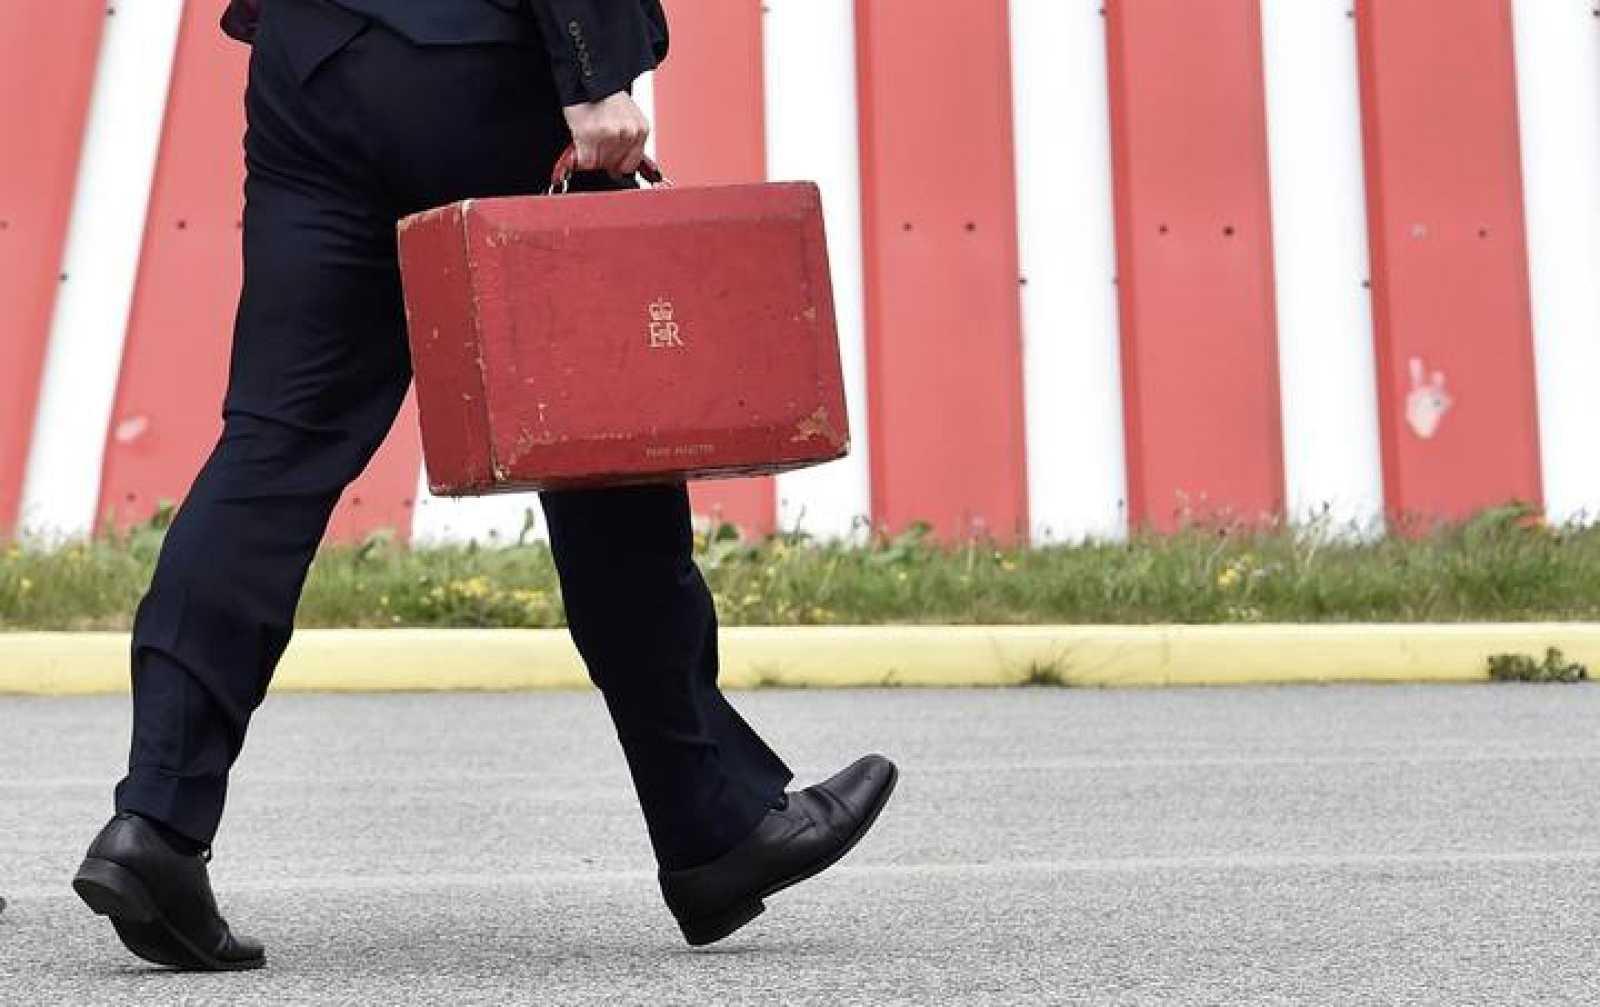 El primer ministro británico, David Cameron, camina con el maletín ministerial en el aeropuerto de Newquay, al suroeste de Inglaterra.